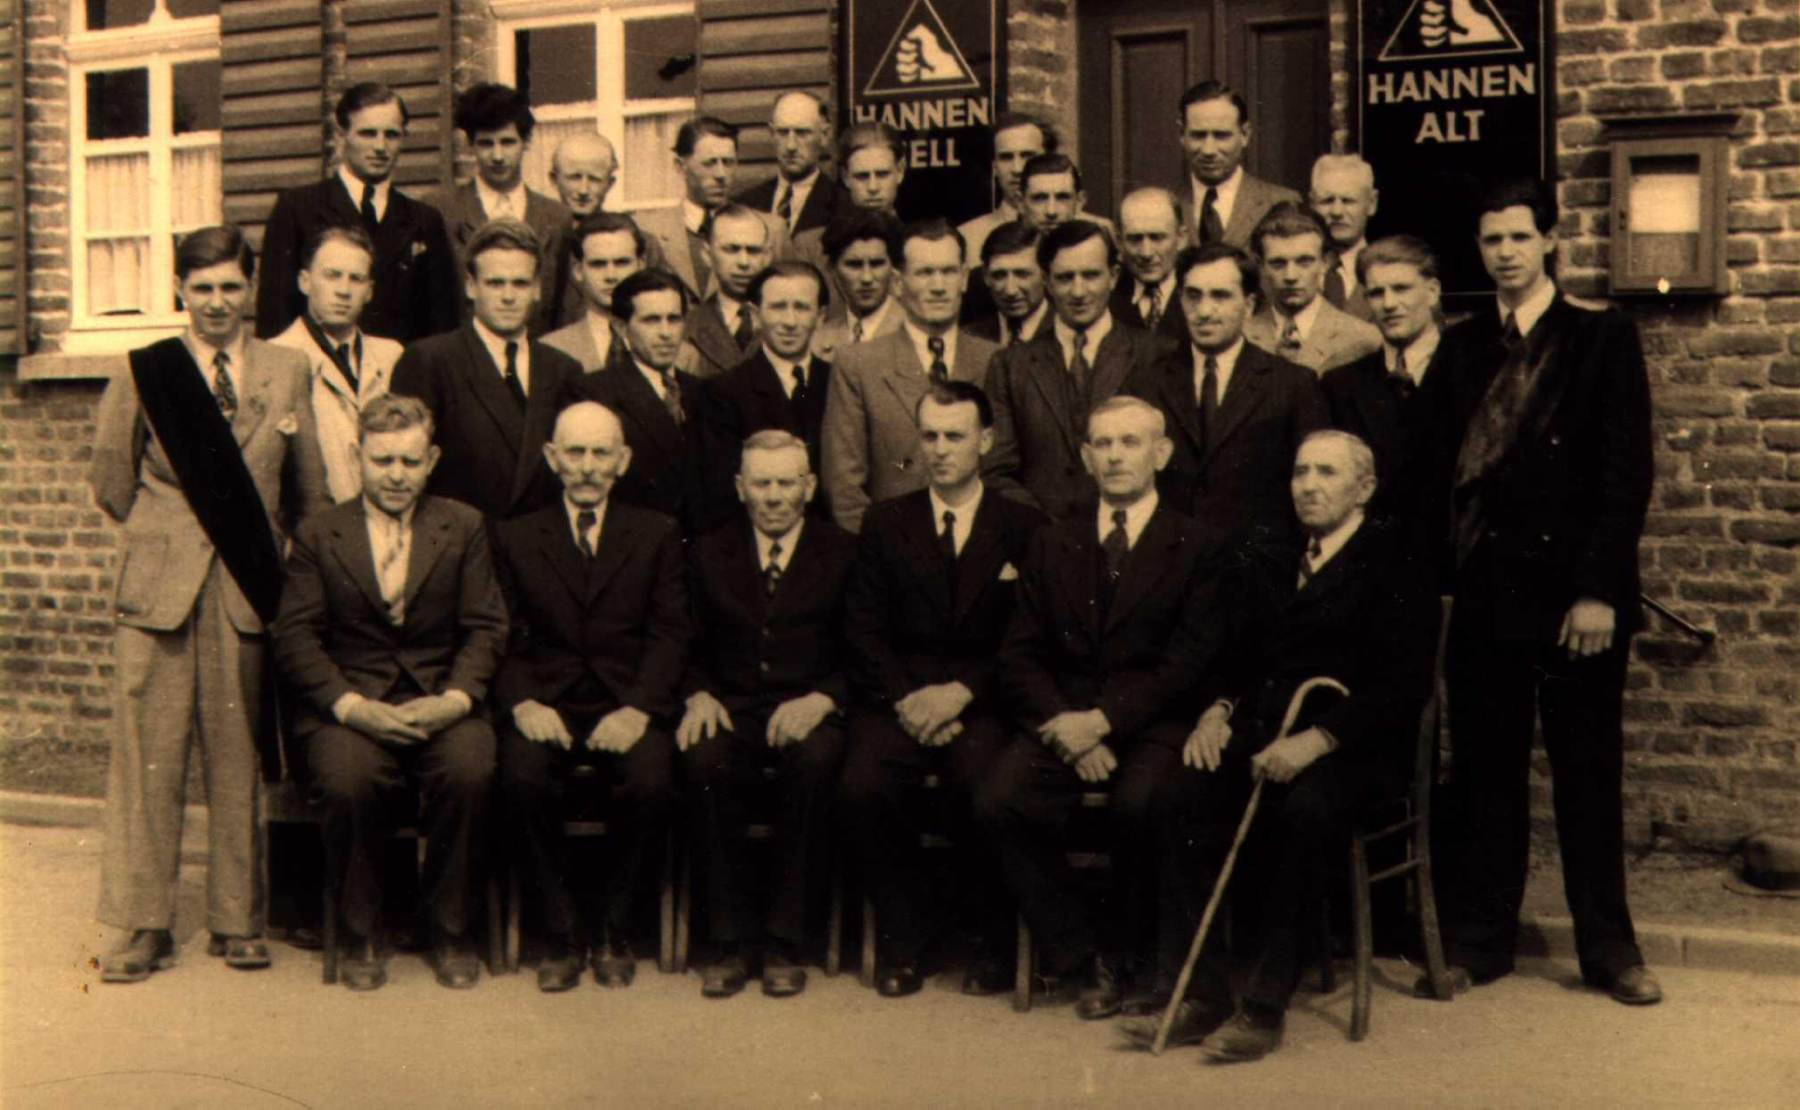 1956-Kopie-von-Vereinsfoto-1956